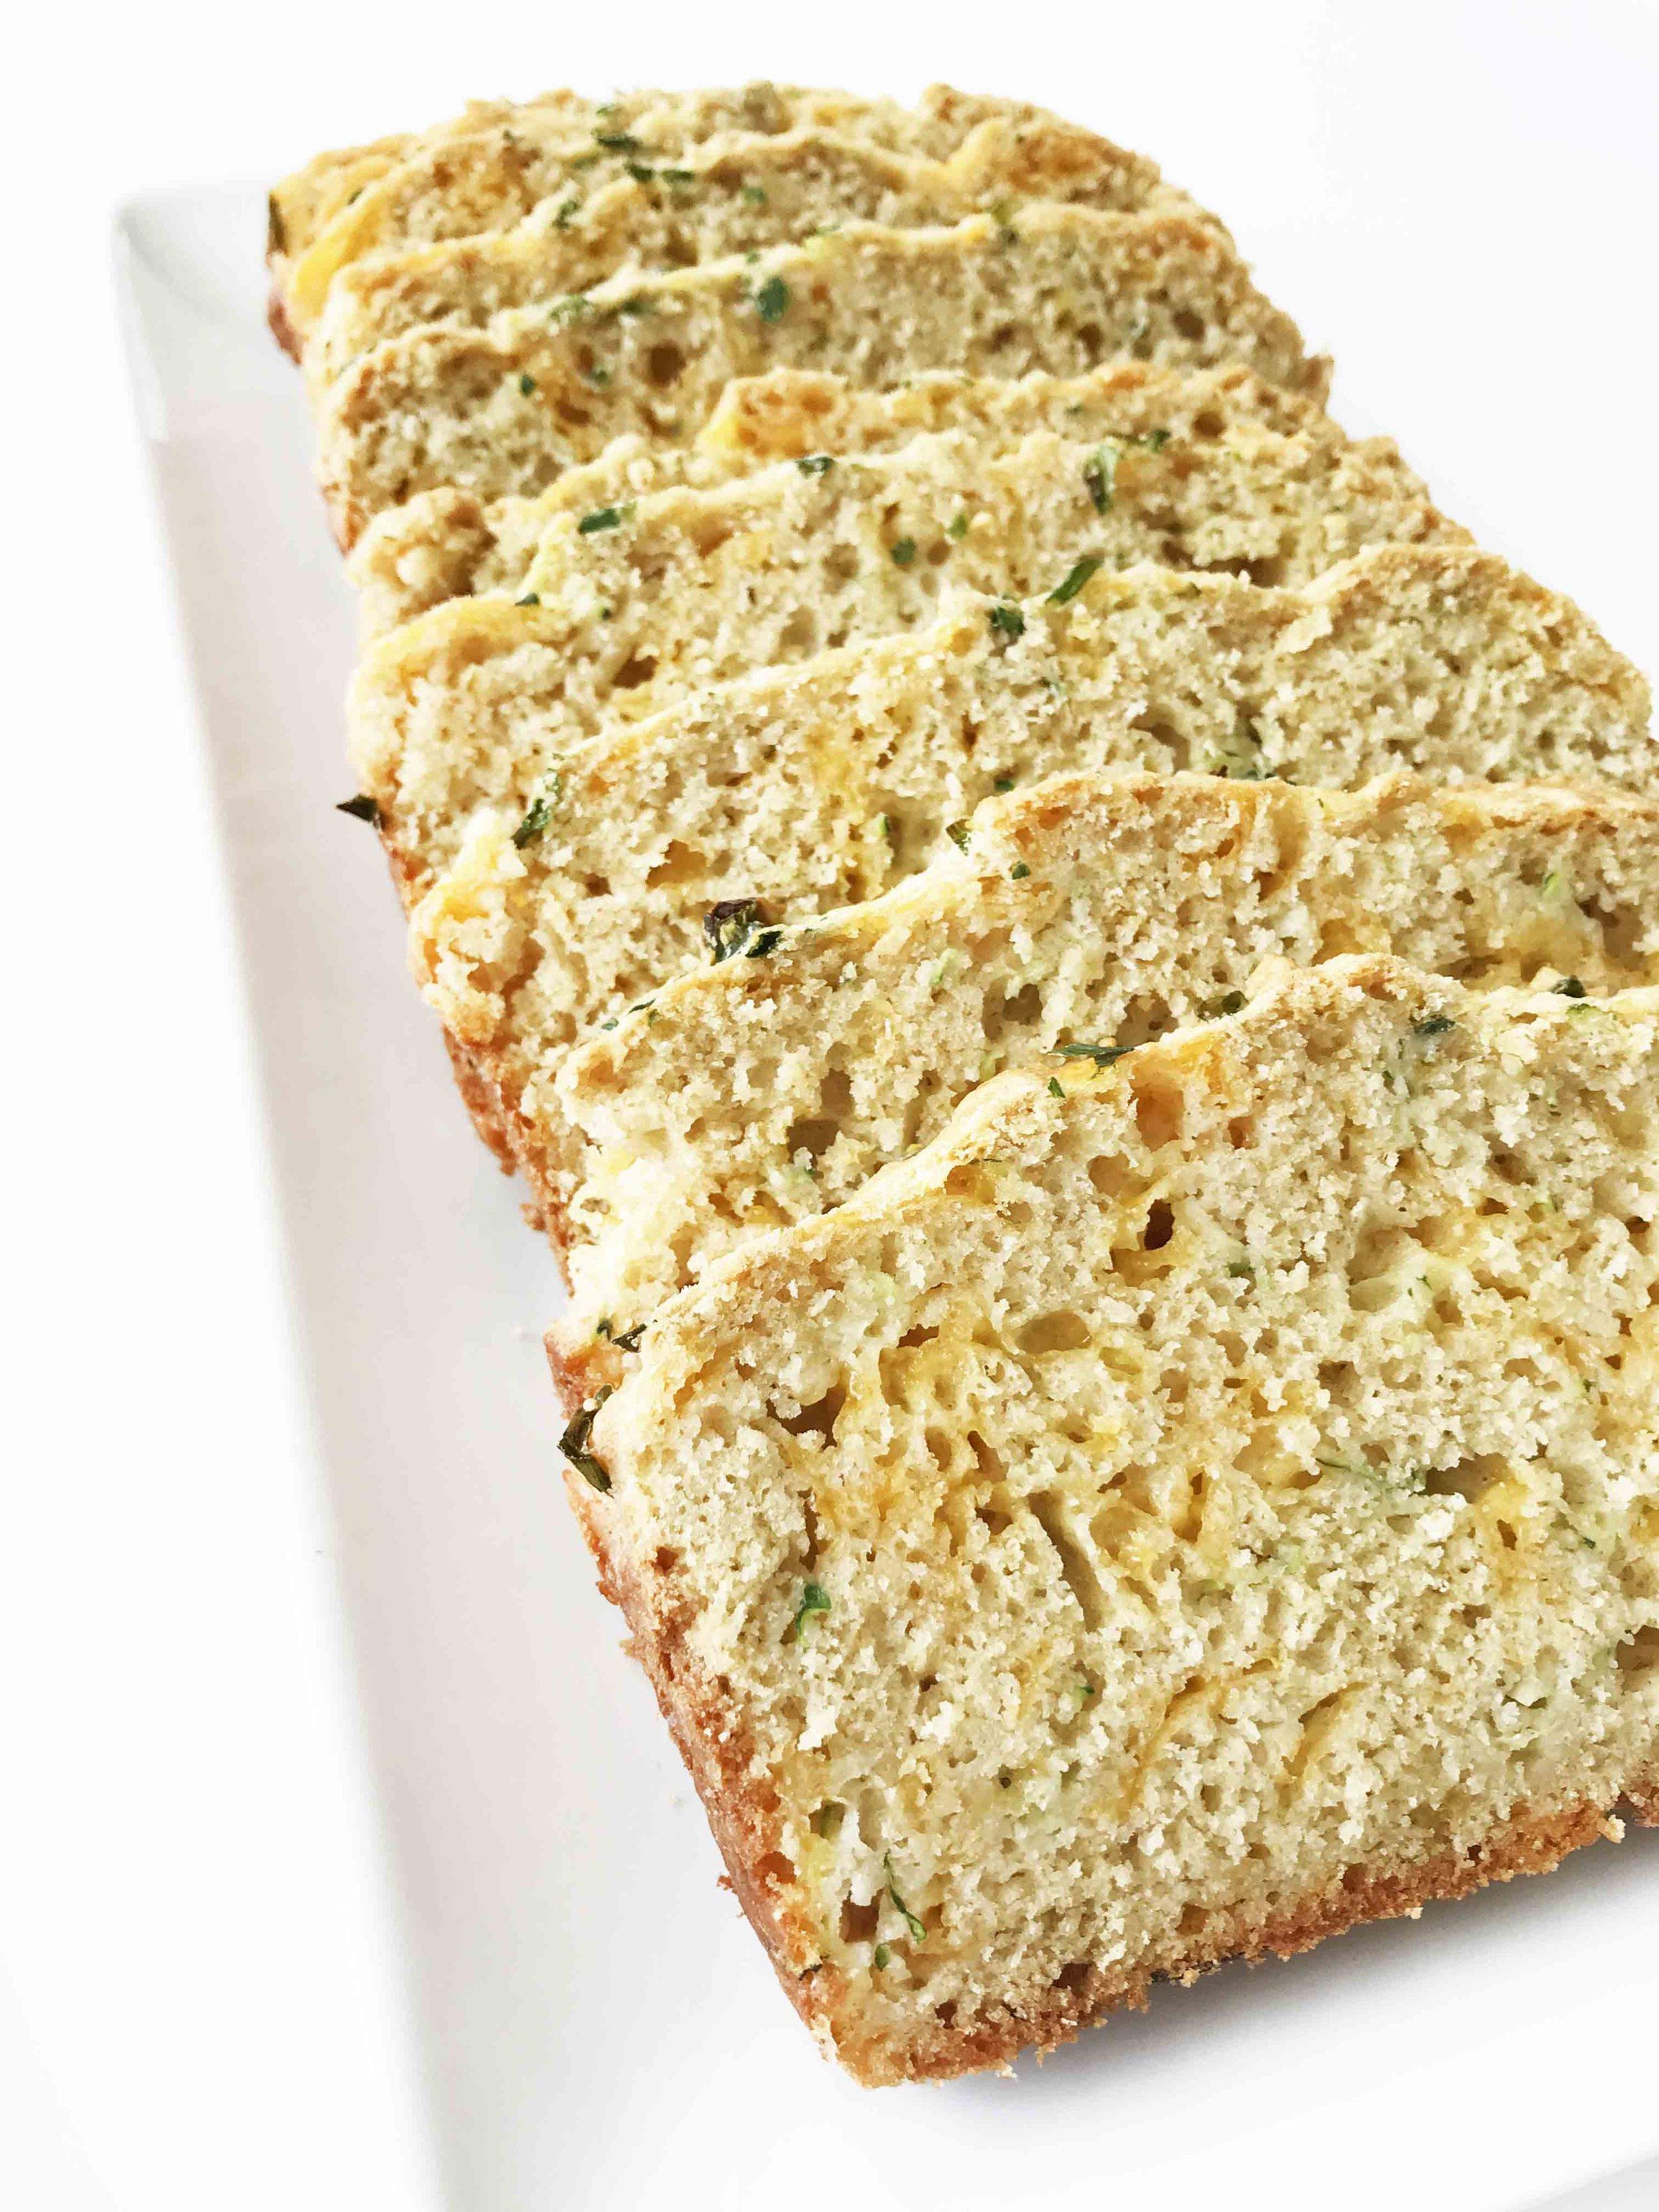 cheddar-chive-zuch-bread12.jpg